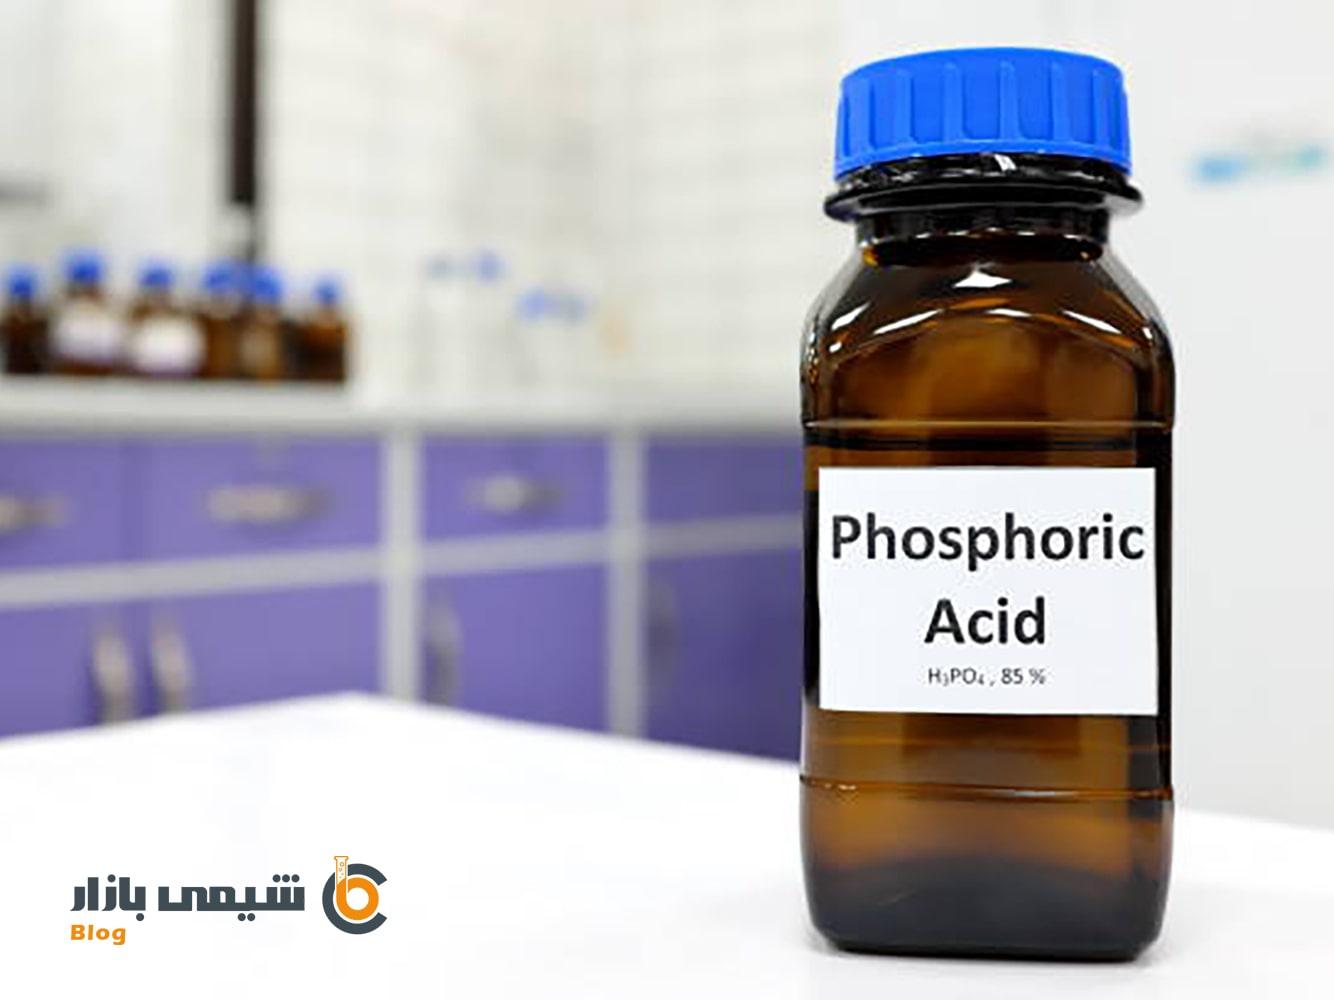 نکات ایمنی کار با اسید فسفریک